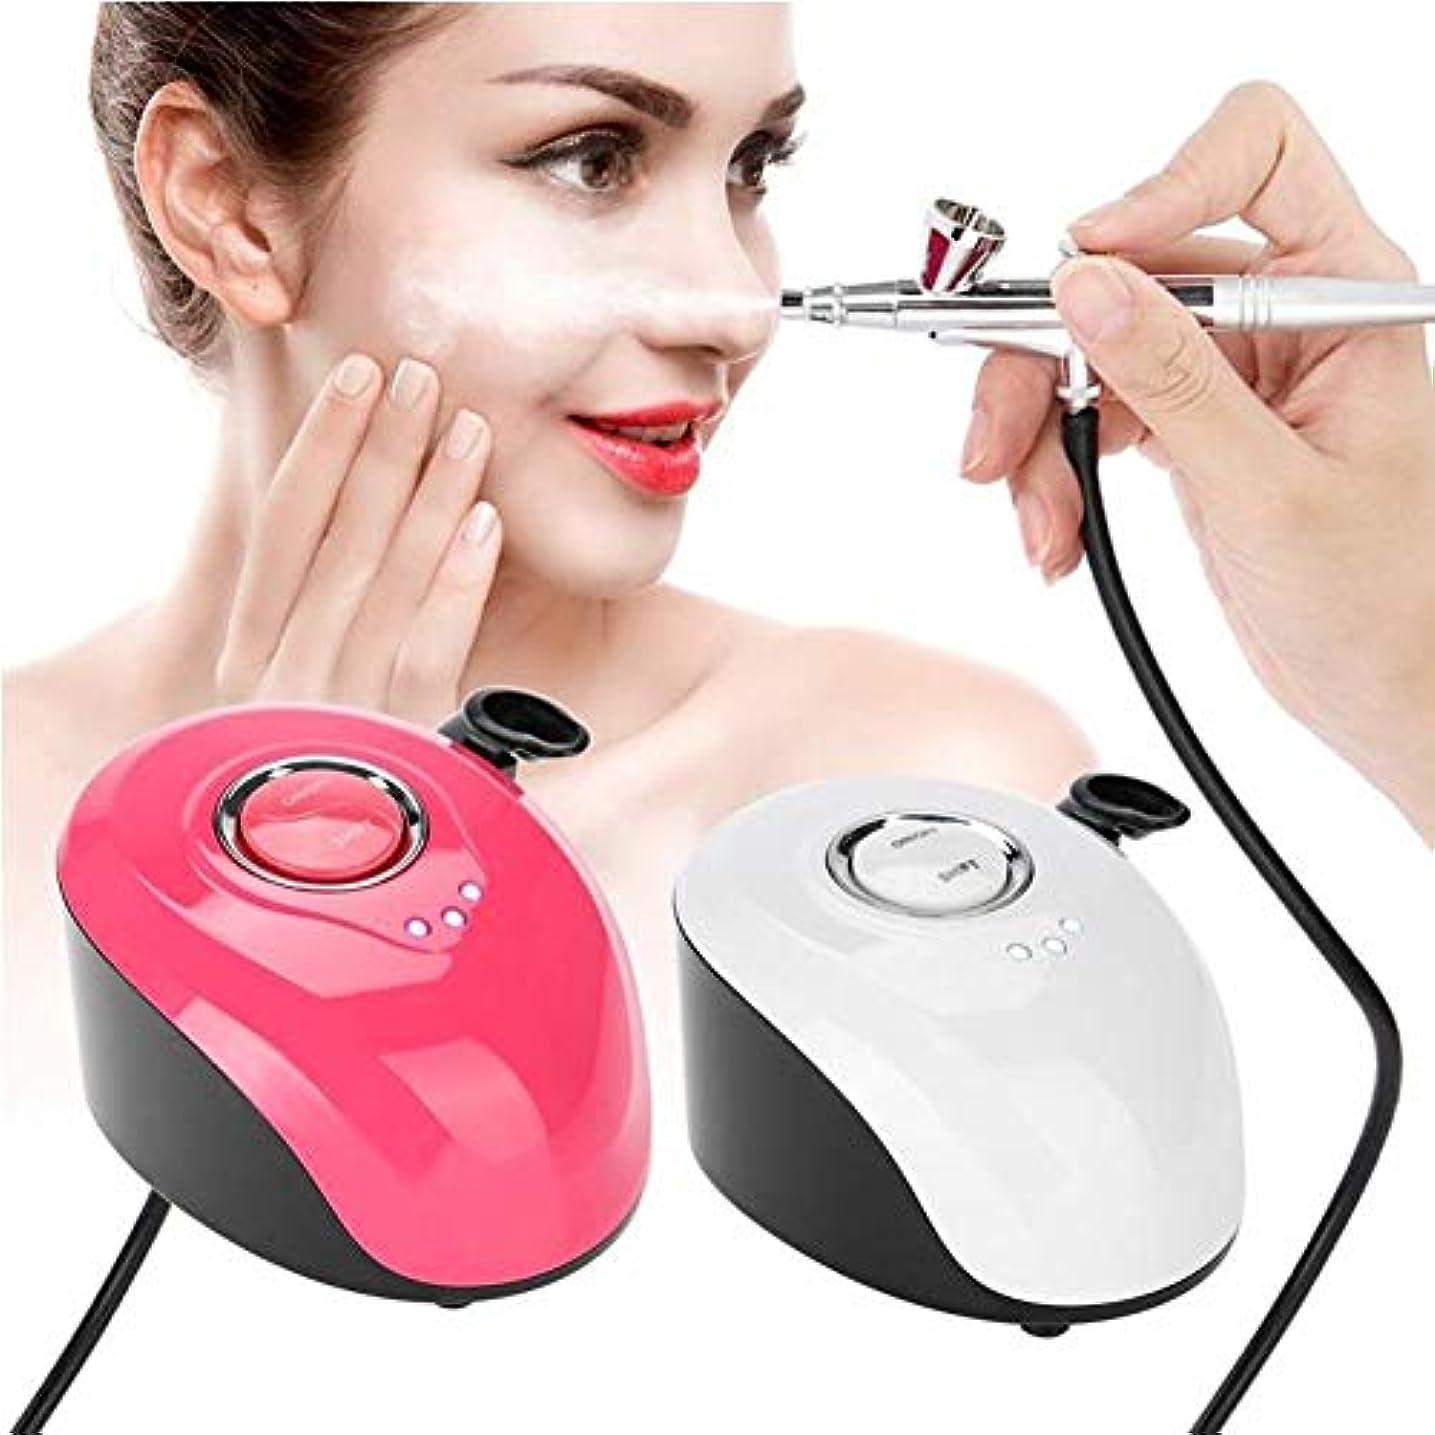 取り消す保有者聖域酸素水注射器インジェクター皮膚美容デバイス保湿ホワイトニングアンチエイジング肌の若返りとディープクレンジング高圧水酸素注入修復肌white